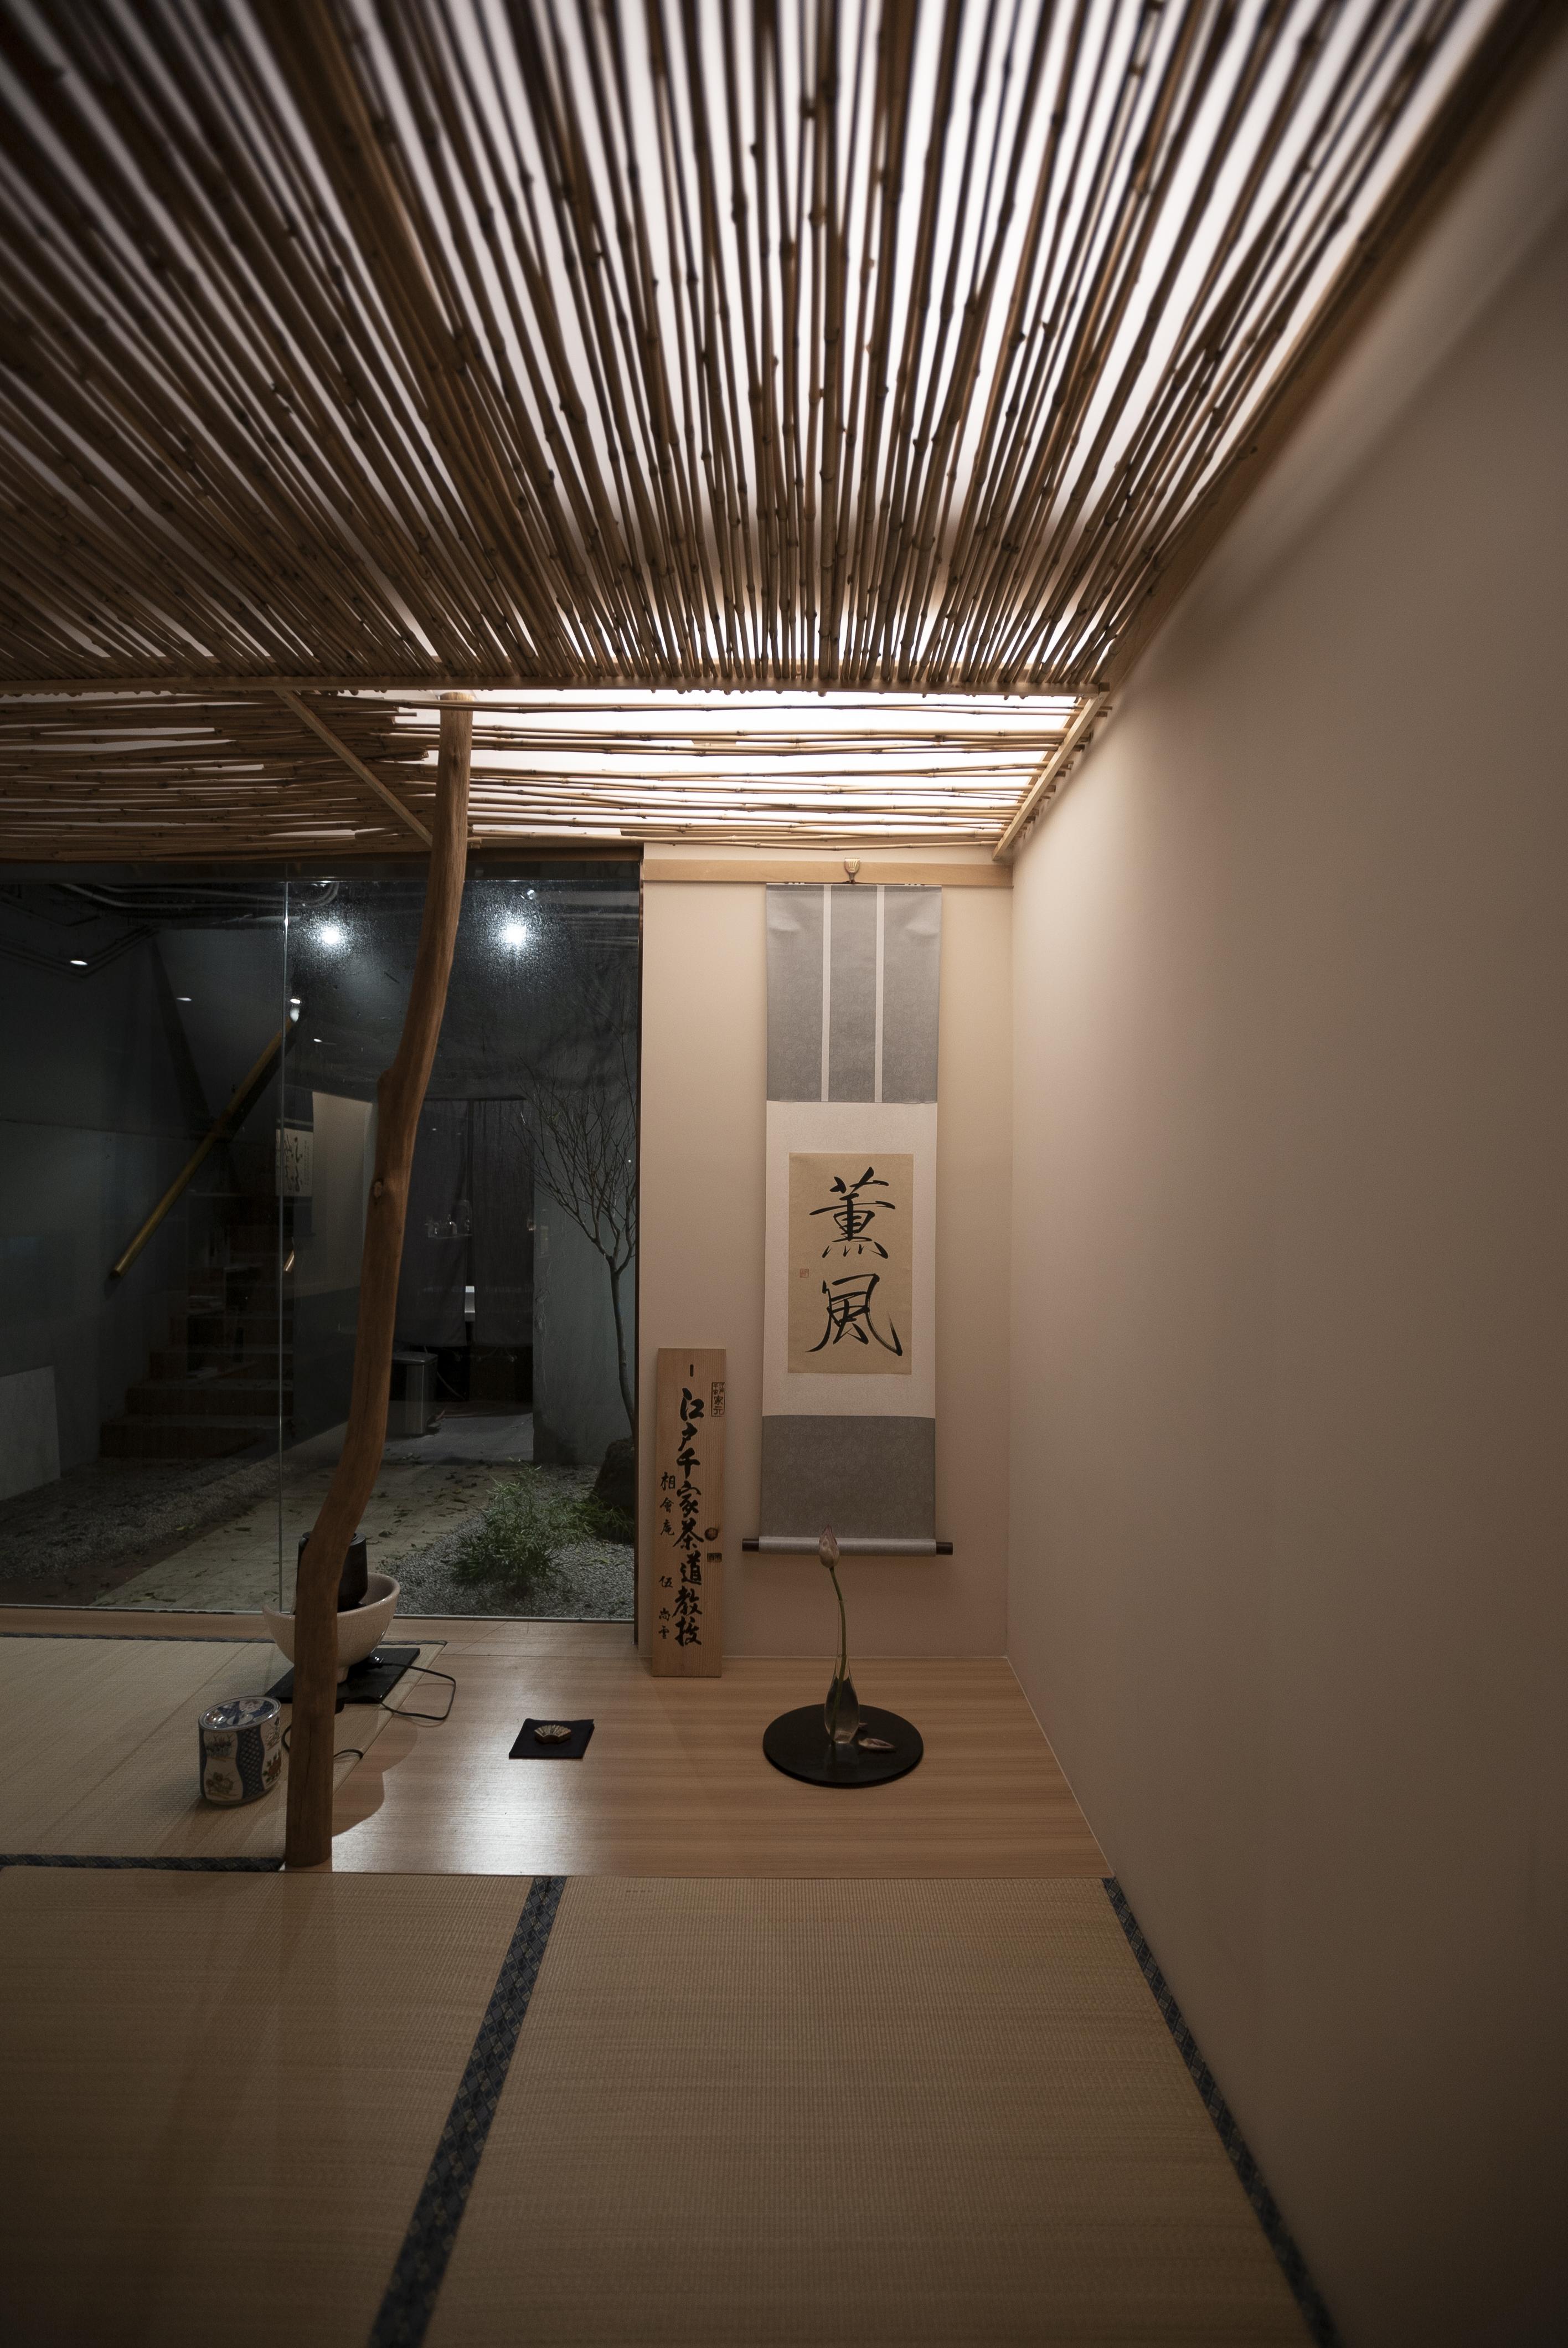 以瘦金書寫的茶室掛軸。